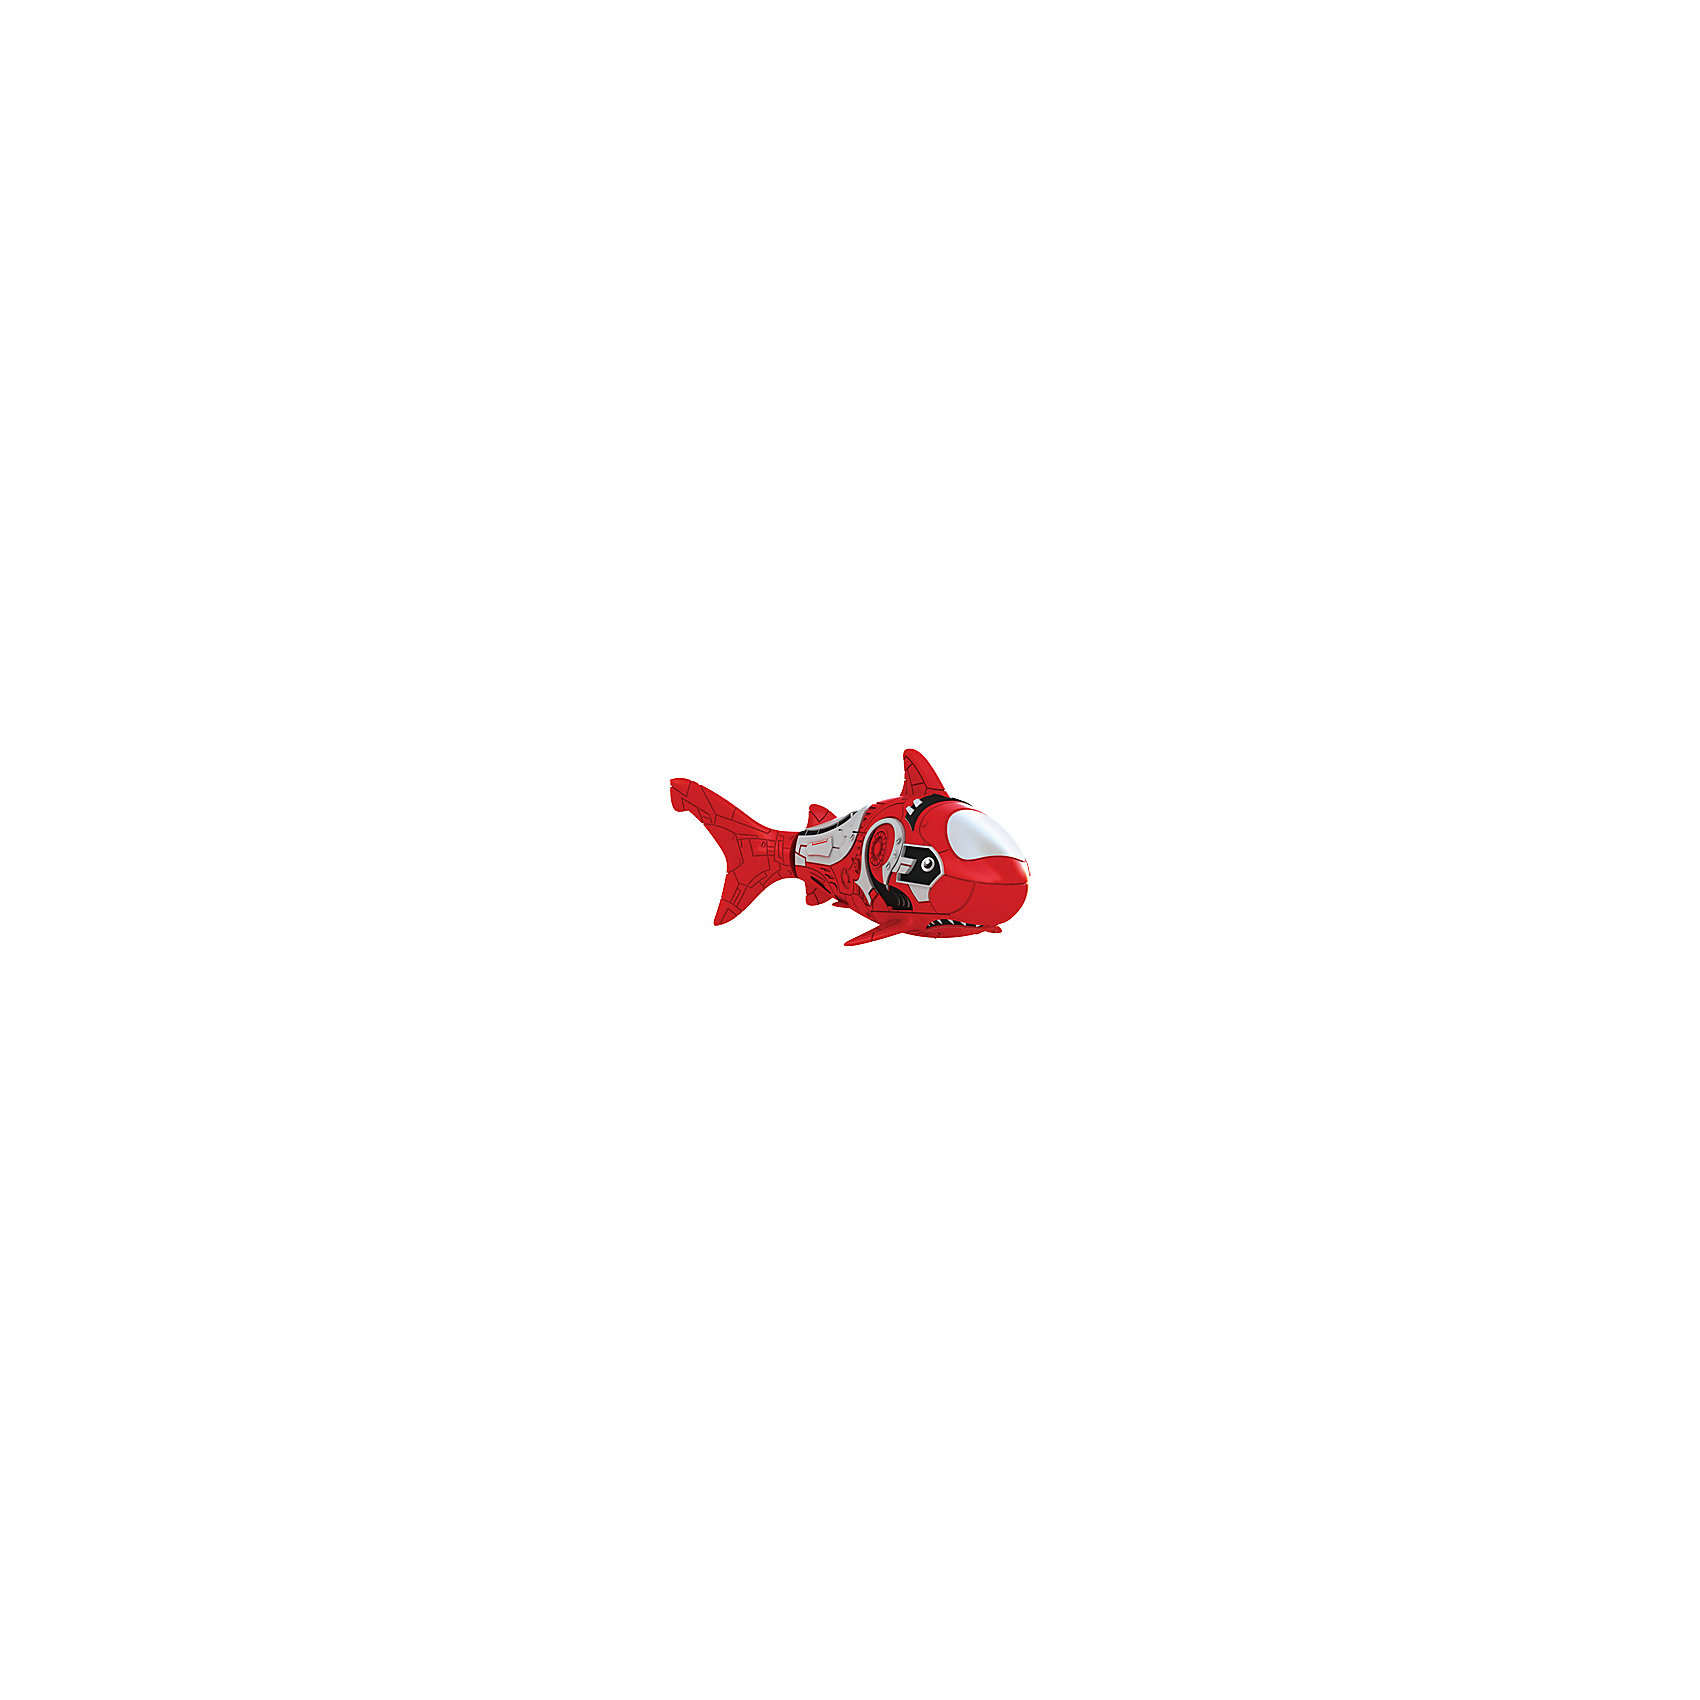 РобоРыбка Акула красная, RoboFishРоборыбки<br>РобоРыбка красная акула при погружении в аквариум или другою емкостью с водой РобоРыбка начинает плавать – опускаясь ко дну и поднимаясь к поверхности воды. <br><br>Игрушка работает от двух алкалиновых батареек А76 или RL44, которые входят в комплект (две установлены в игрушку и 2 запасные).<br><br>Размер рыбки: ок. 5 см.<br><br>Ширина мм: 435<br>Глубина мм: 405<br>Высота мм: 240<br>Вес г: 216<br>Возраст от месяцев: 60<br>Возраст до месяцев: 144<br>Пол: Унисекс<br>Возраст: Детский<br>SKU: 2999508